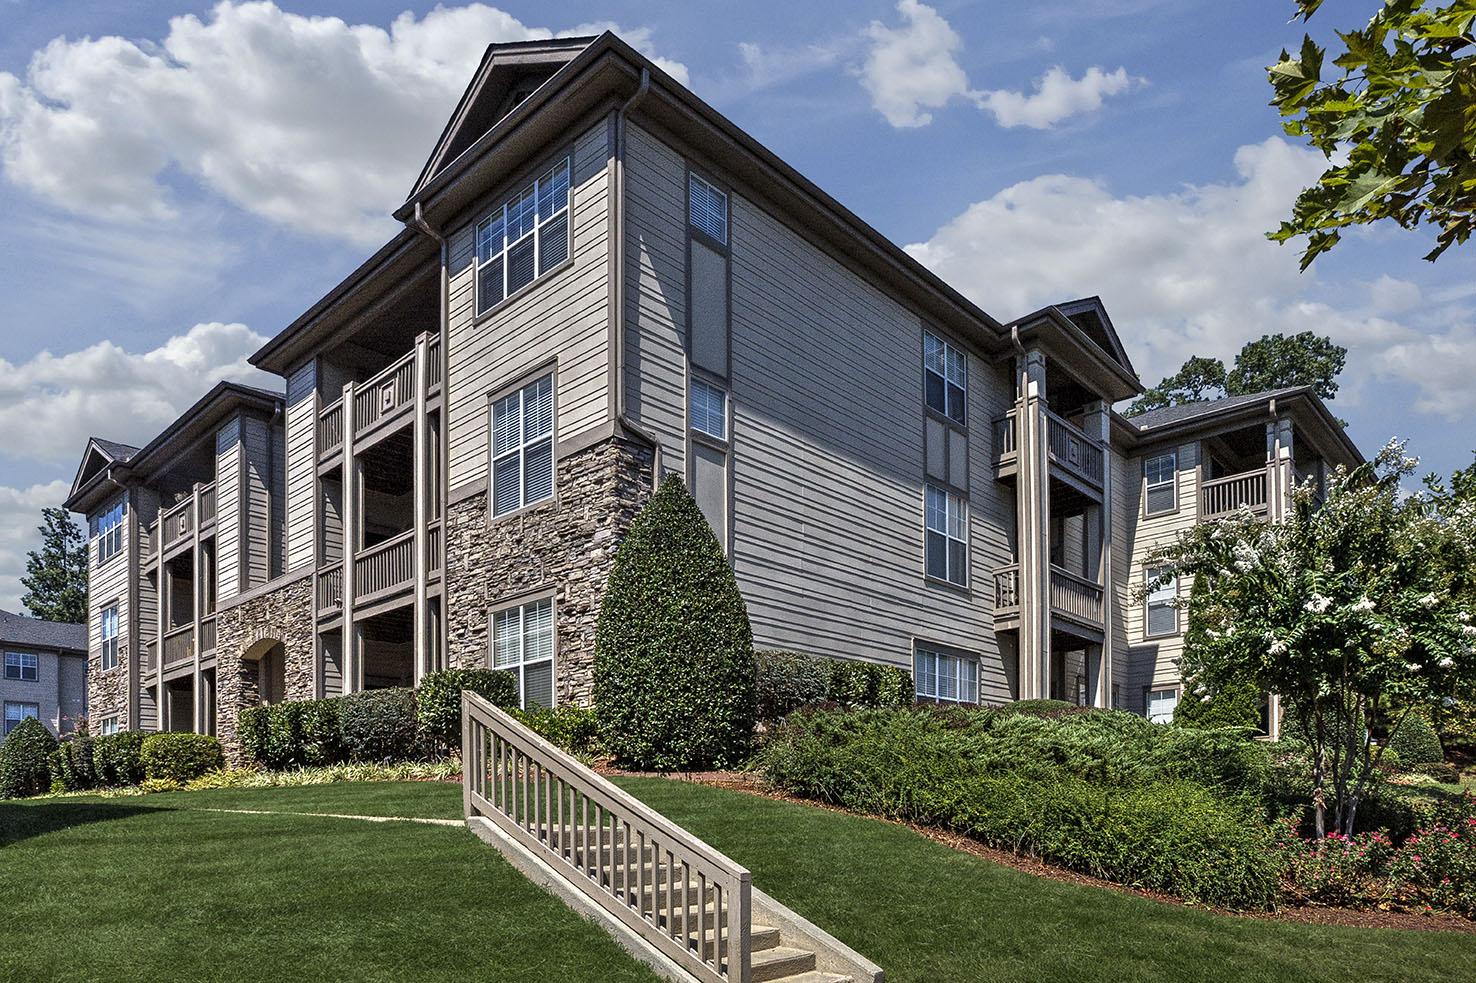 1, 2 & 3 bedroom apartments in raleigh, nc - camden overlook